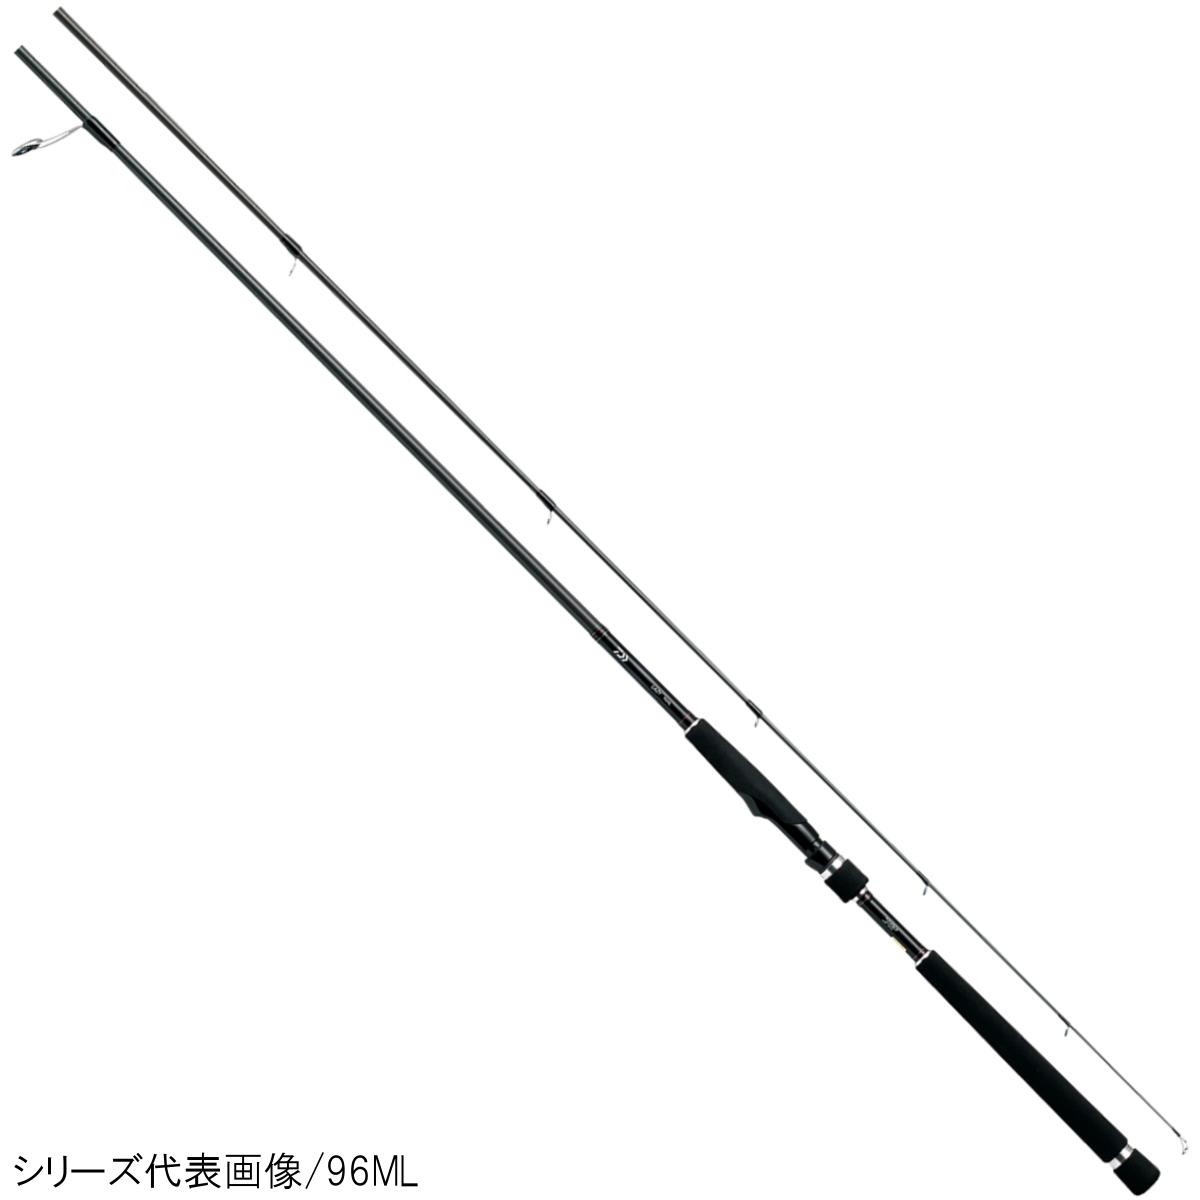 ダイワ レイジー スピニングモデル 100M【大型商品】